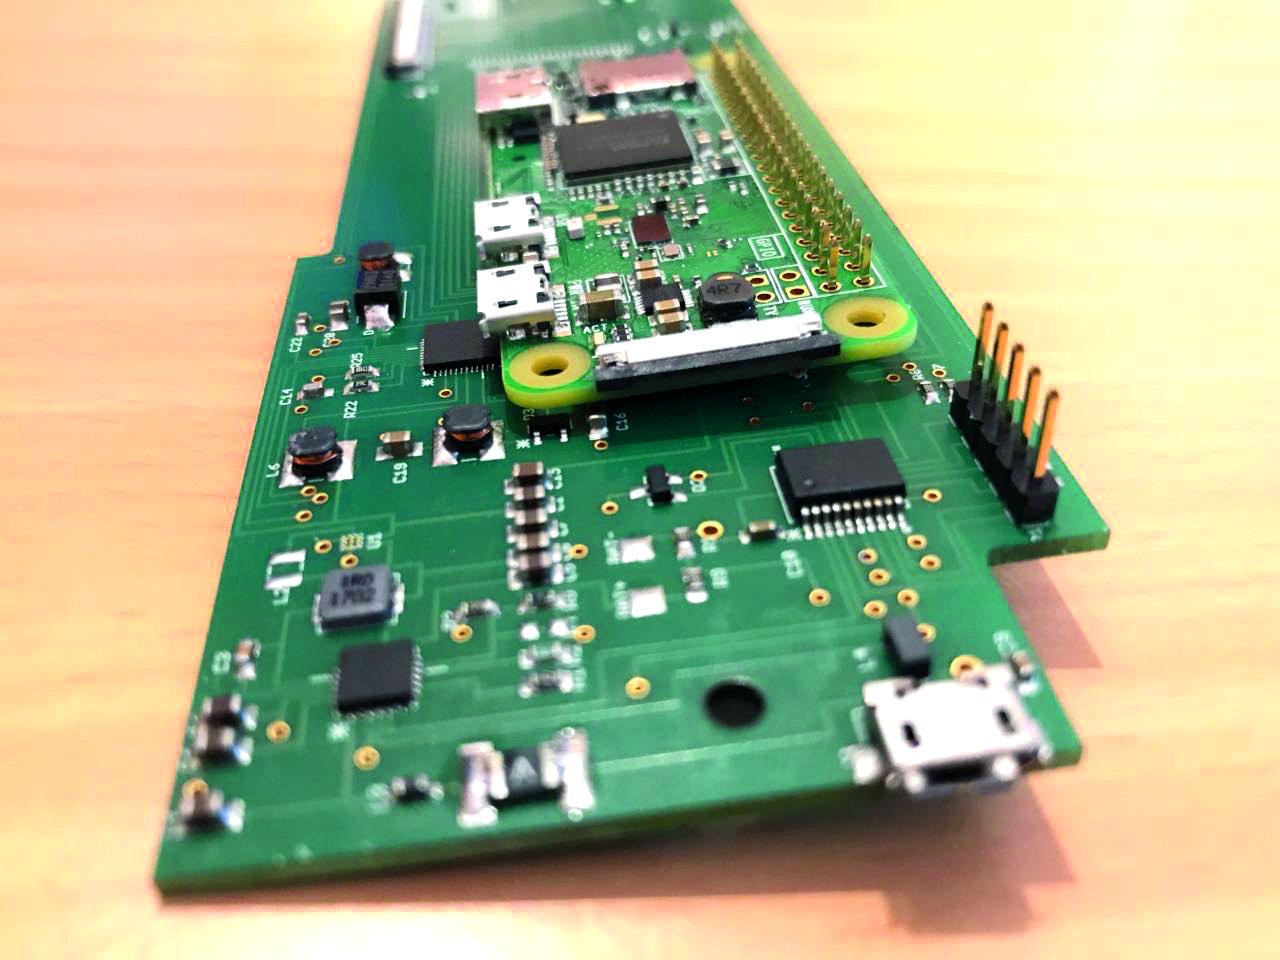 Thync printed circuit board